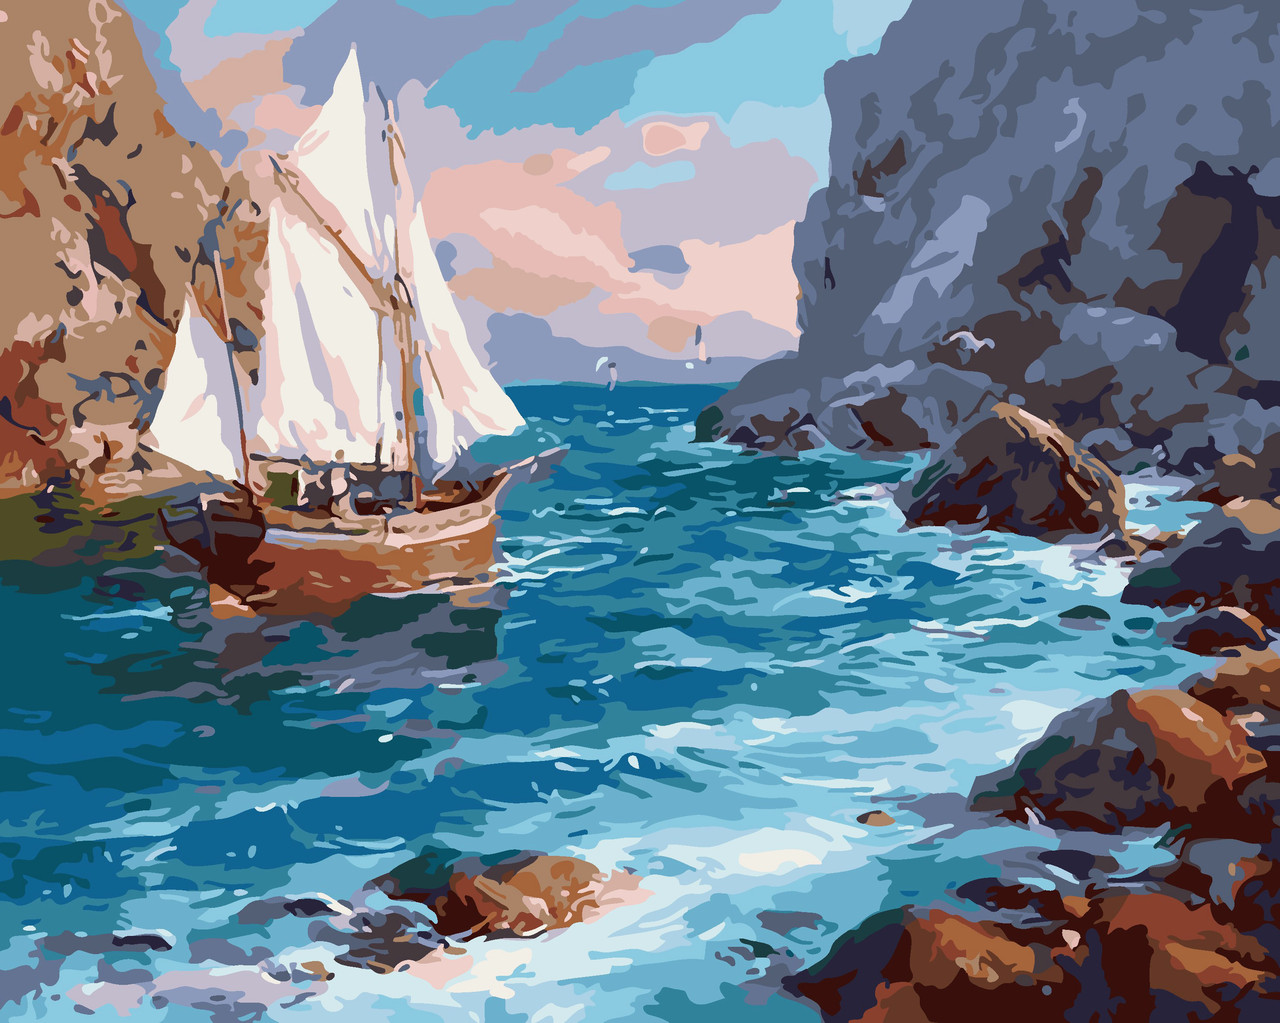 Художественный творческий набор, картина по номерам У берега, 50x40 см, «Art Story» (AS0021)